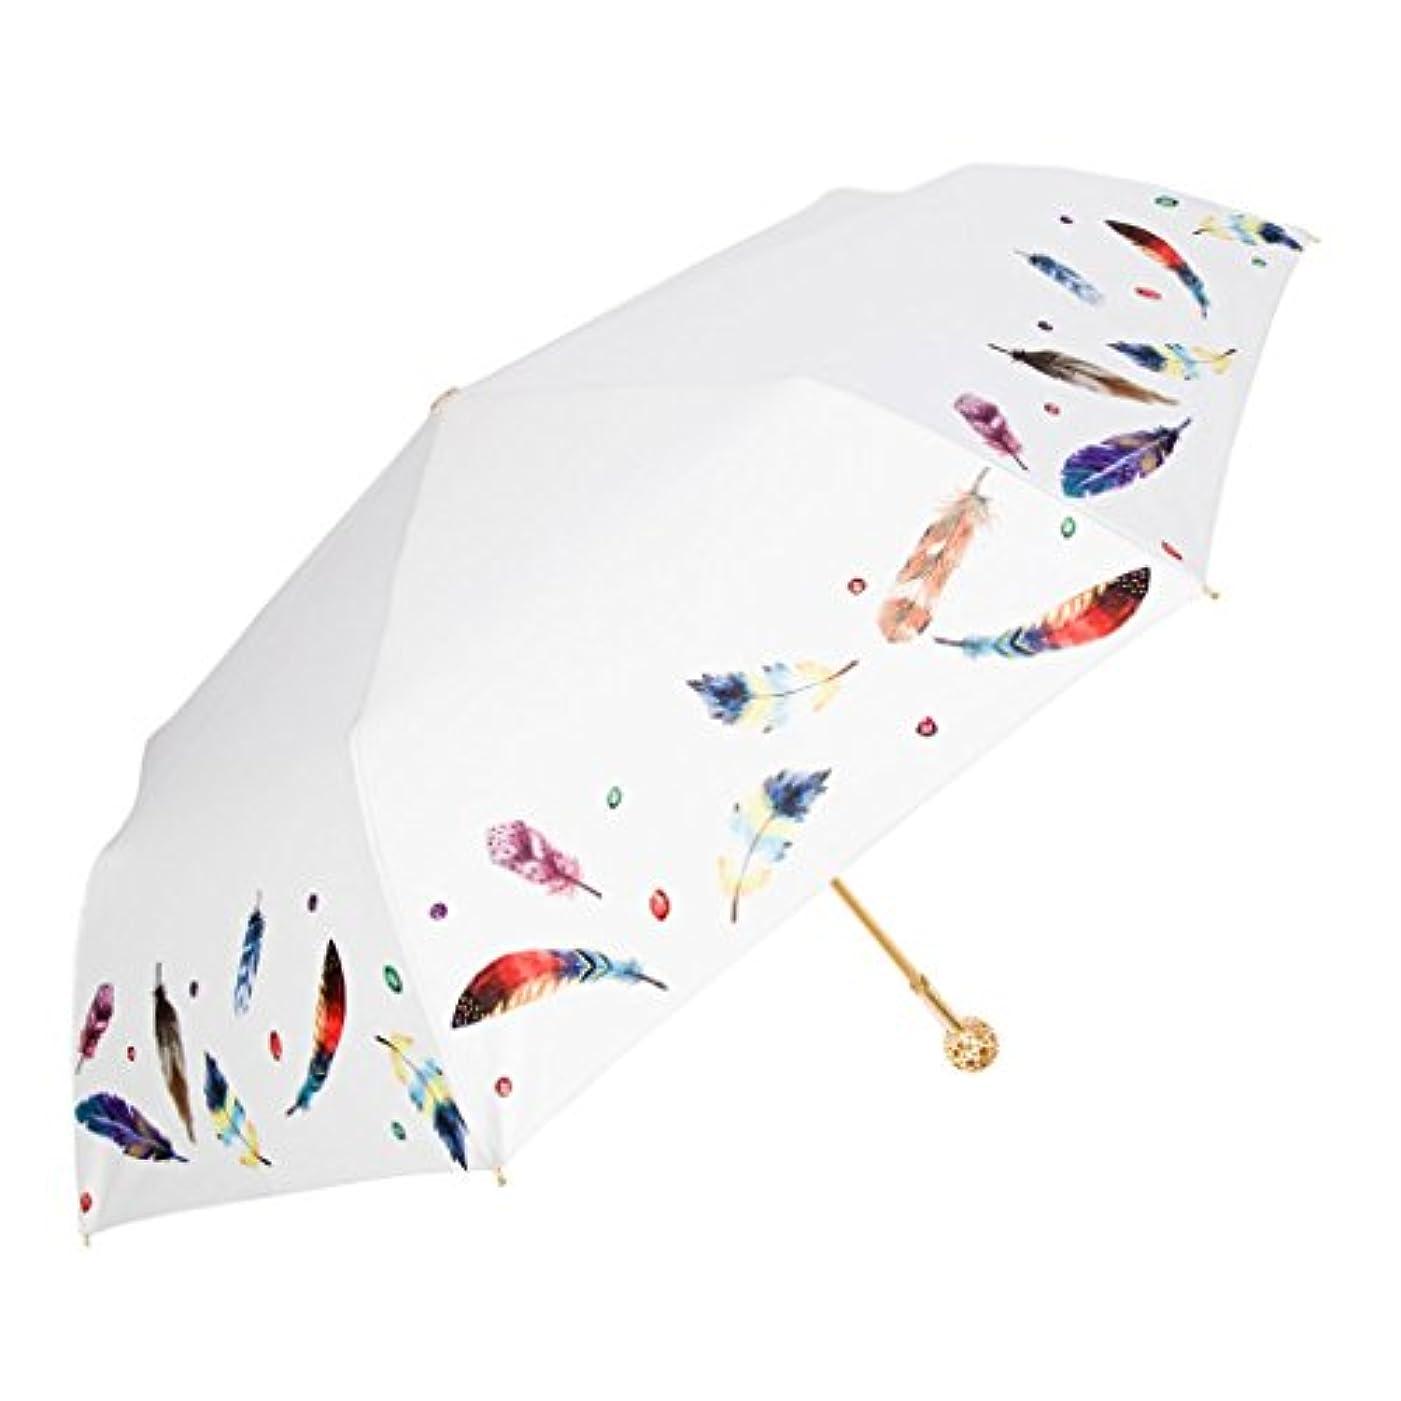 郵便屋さん綺麗な大宇宙傘フラワーボールレディトリフォールディングクリエイティブサンパラソルサンUVプロテクション (Color : White)